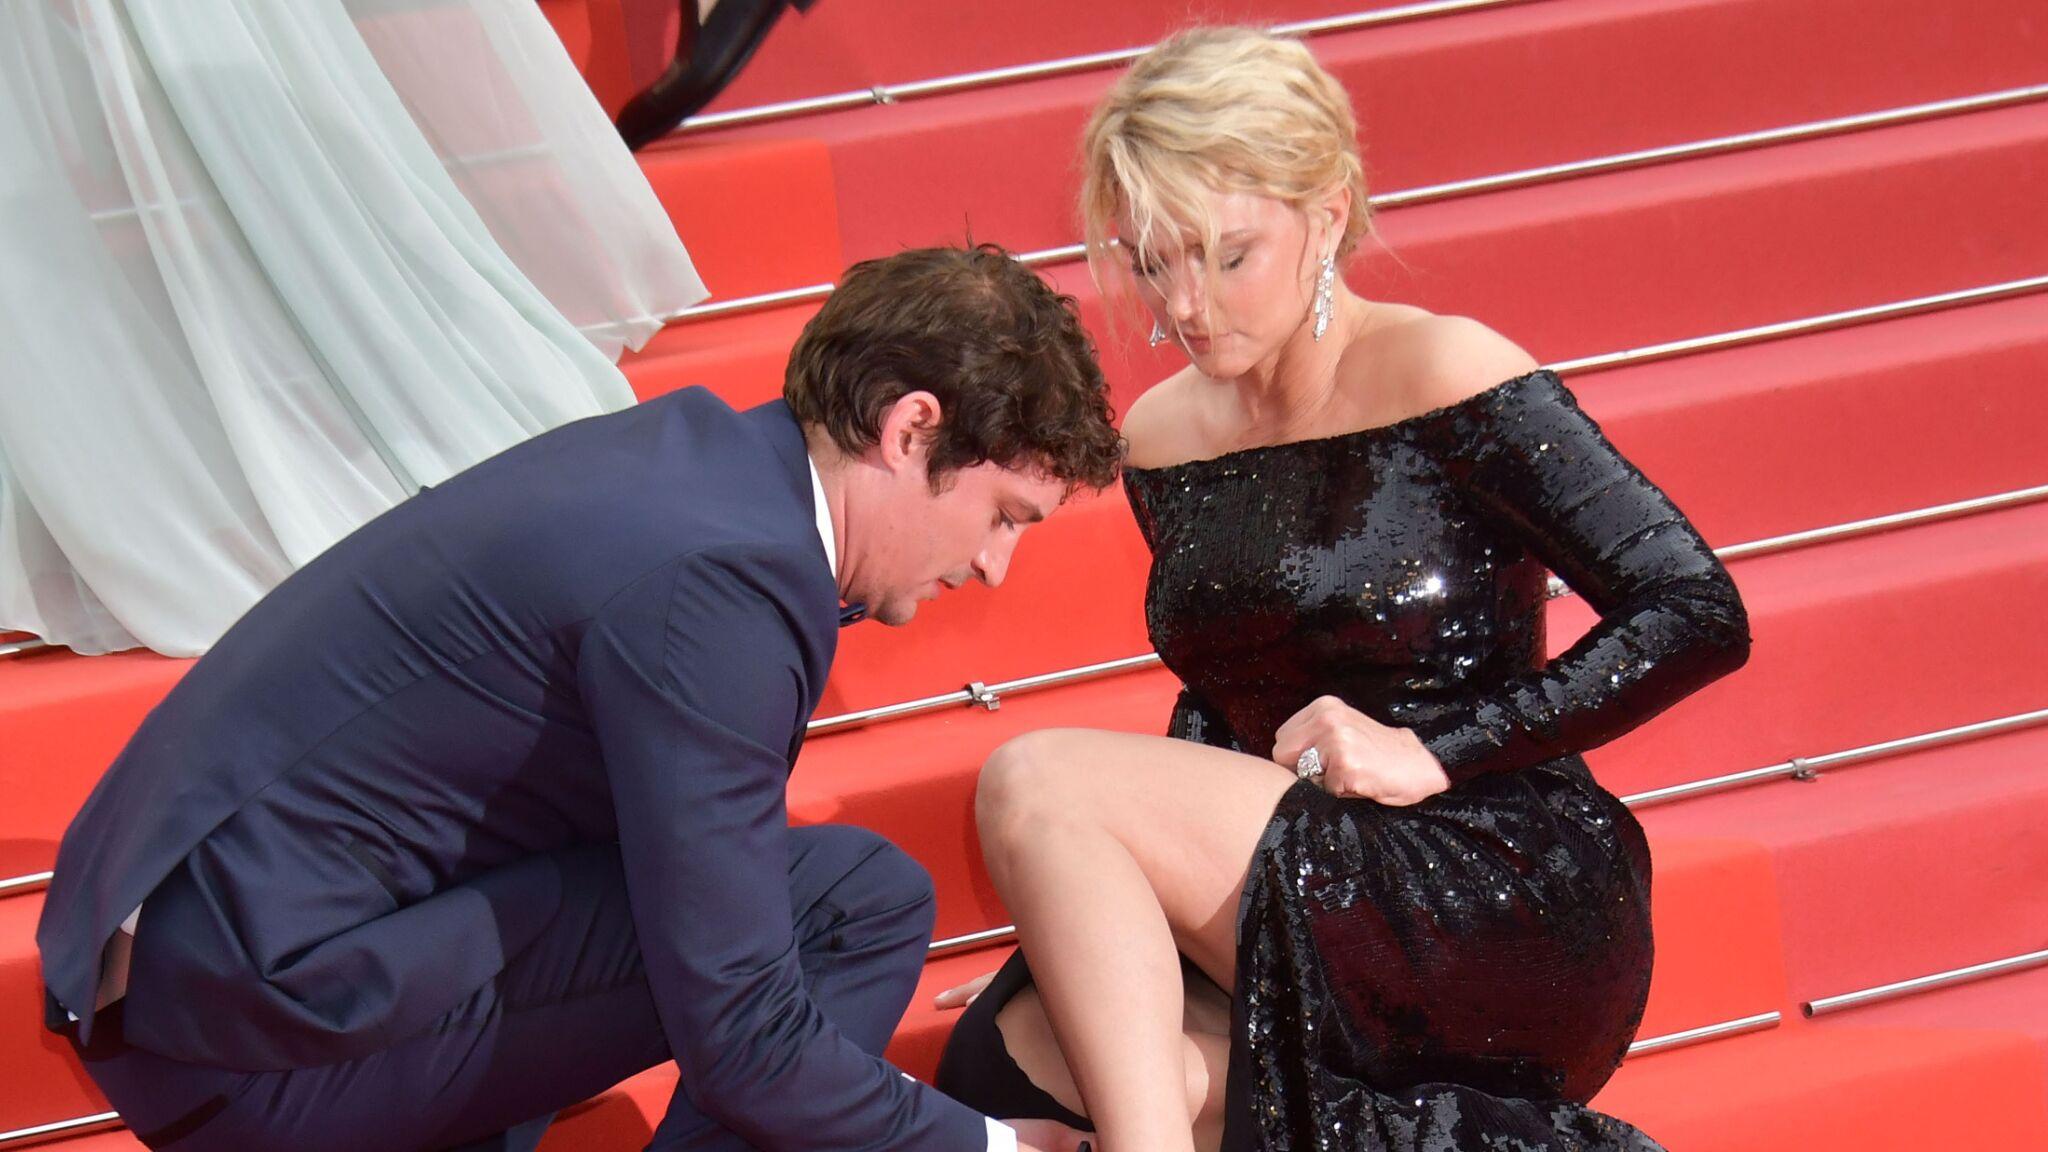 PHOTOS Festival de Cannes 2019 : Virginie Efira en grosse galère, Niels Schneider vole à son secours